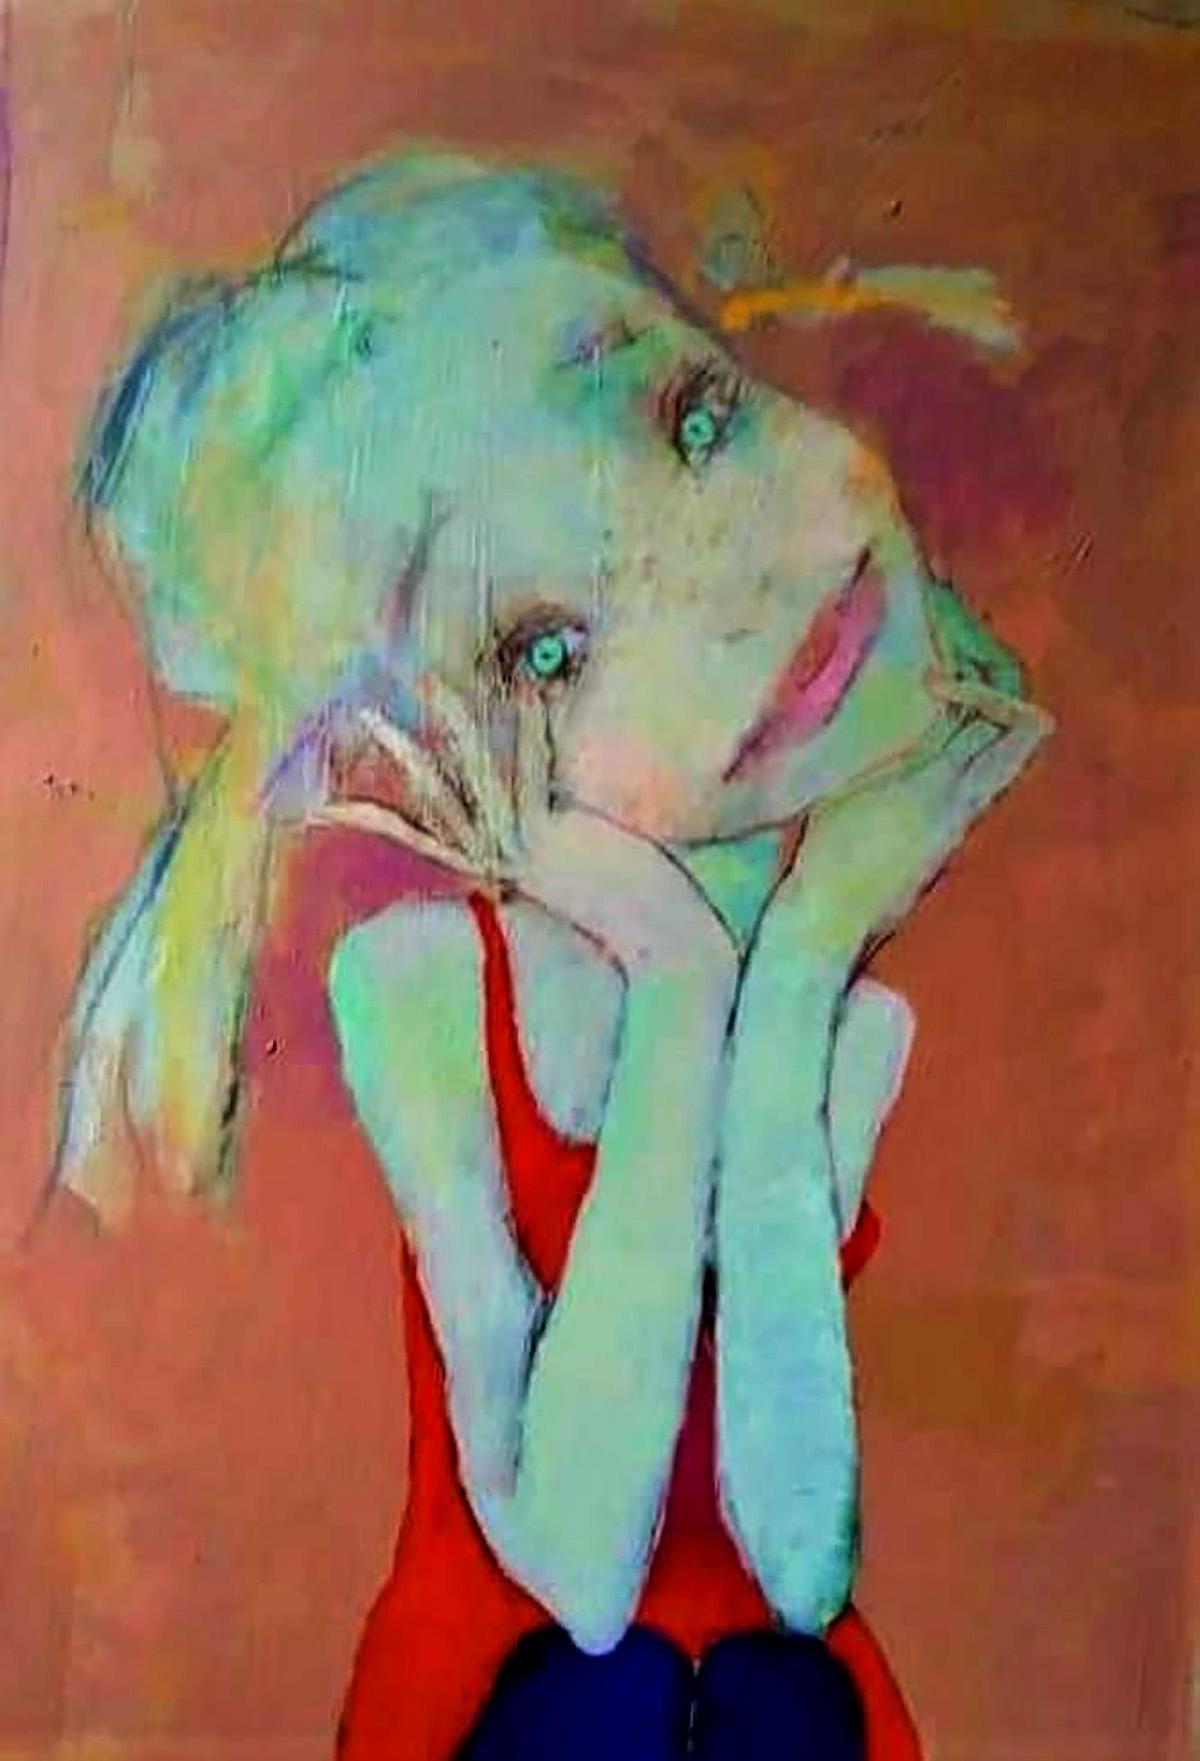 Arturs Akopjans, 'Pixie', acrylic on canvas